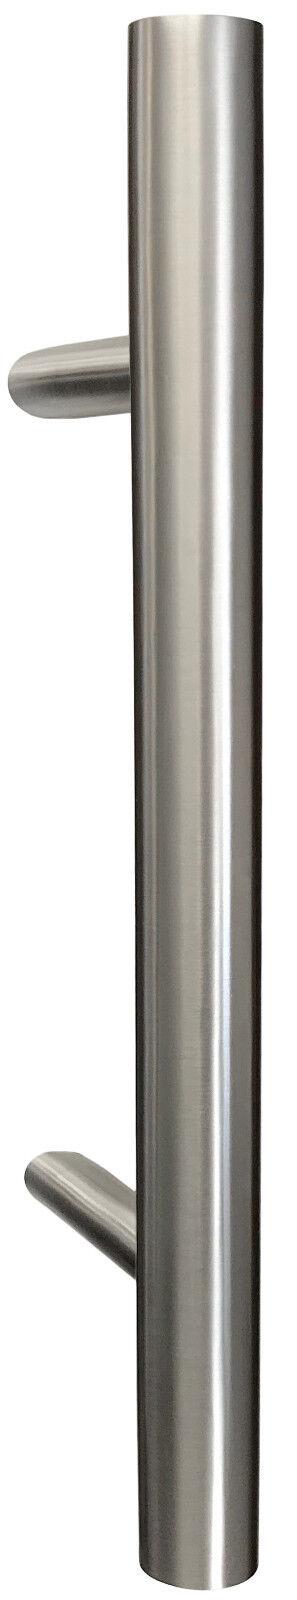 Haustürgriff Stoßgriff Edelstahl ovale Griffstange 1200 mm mit schrägen Stützen